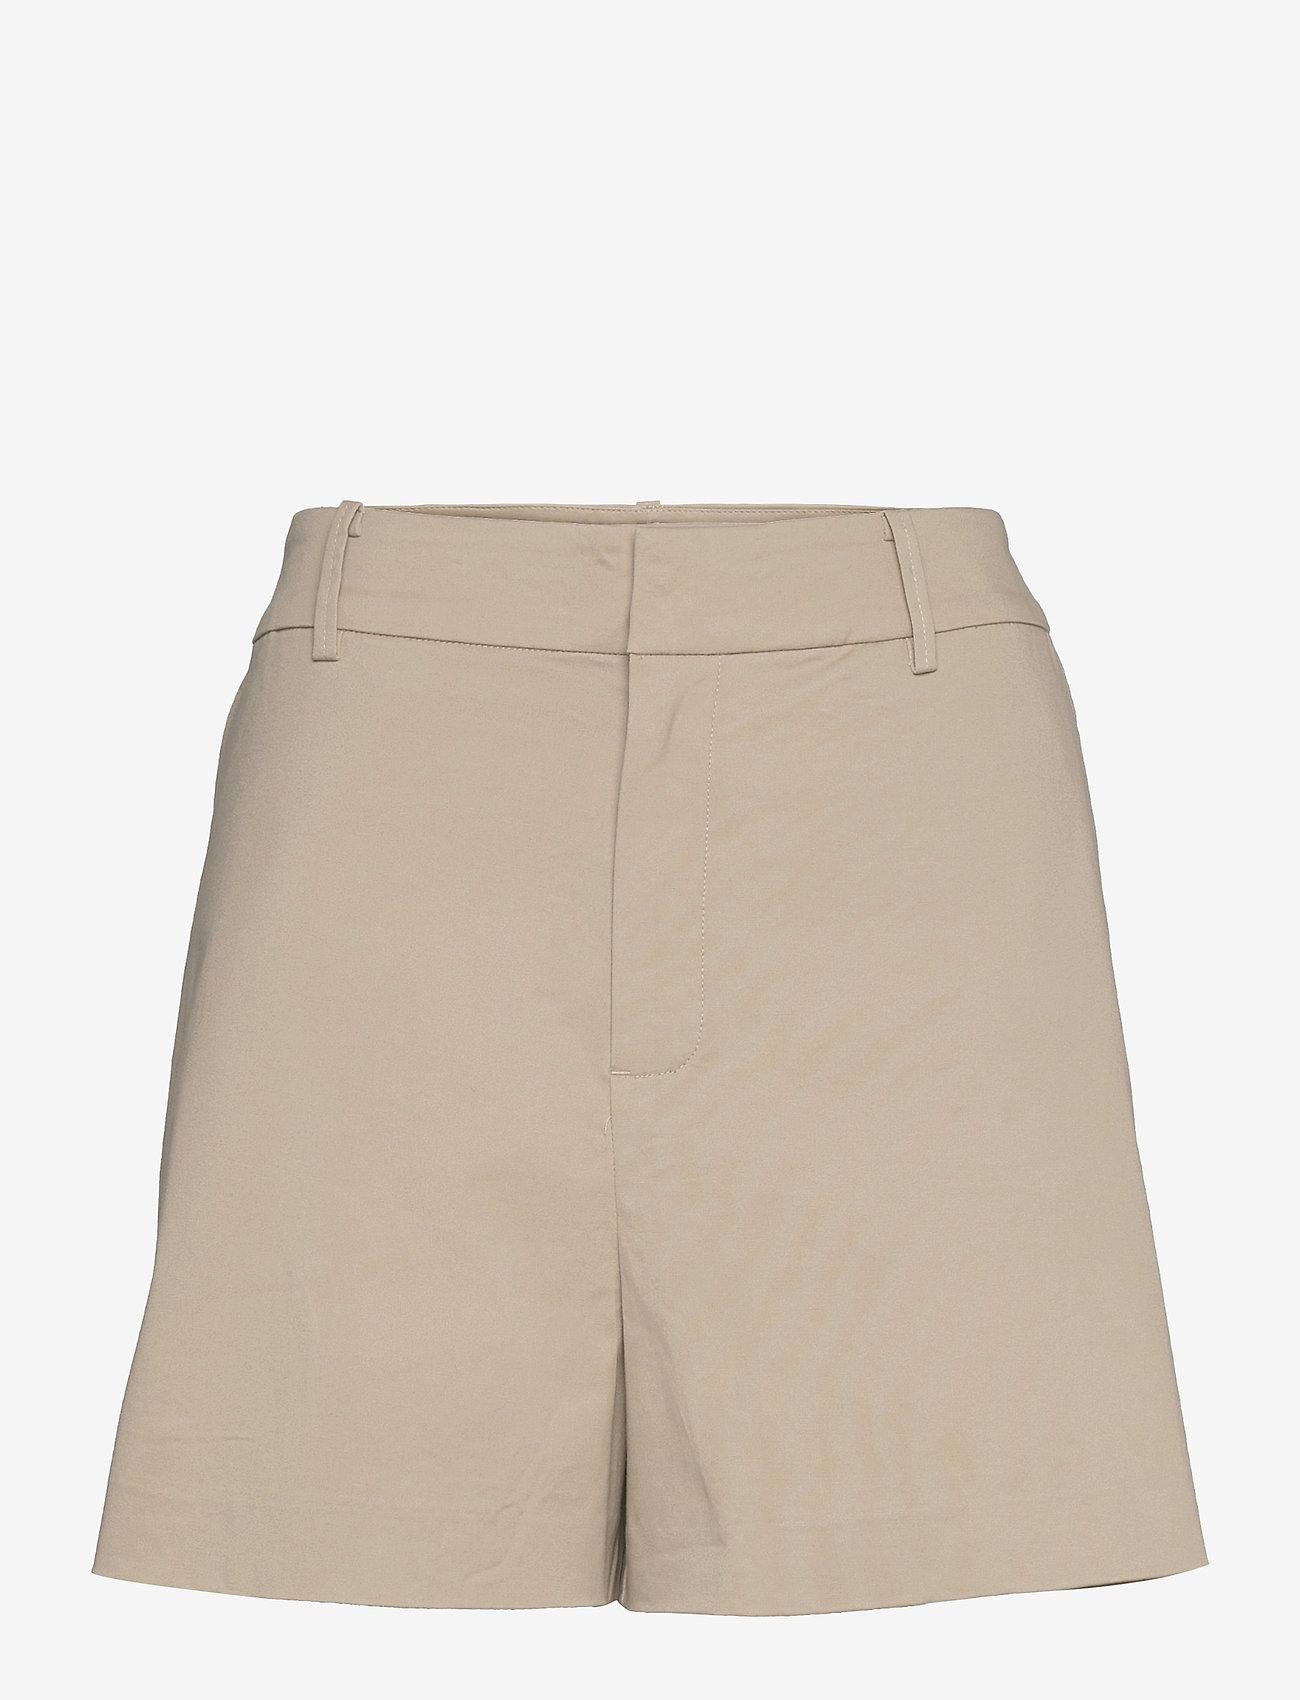 Mango - CHINO - chino shorts - stone - 0